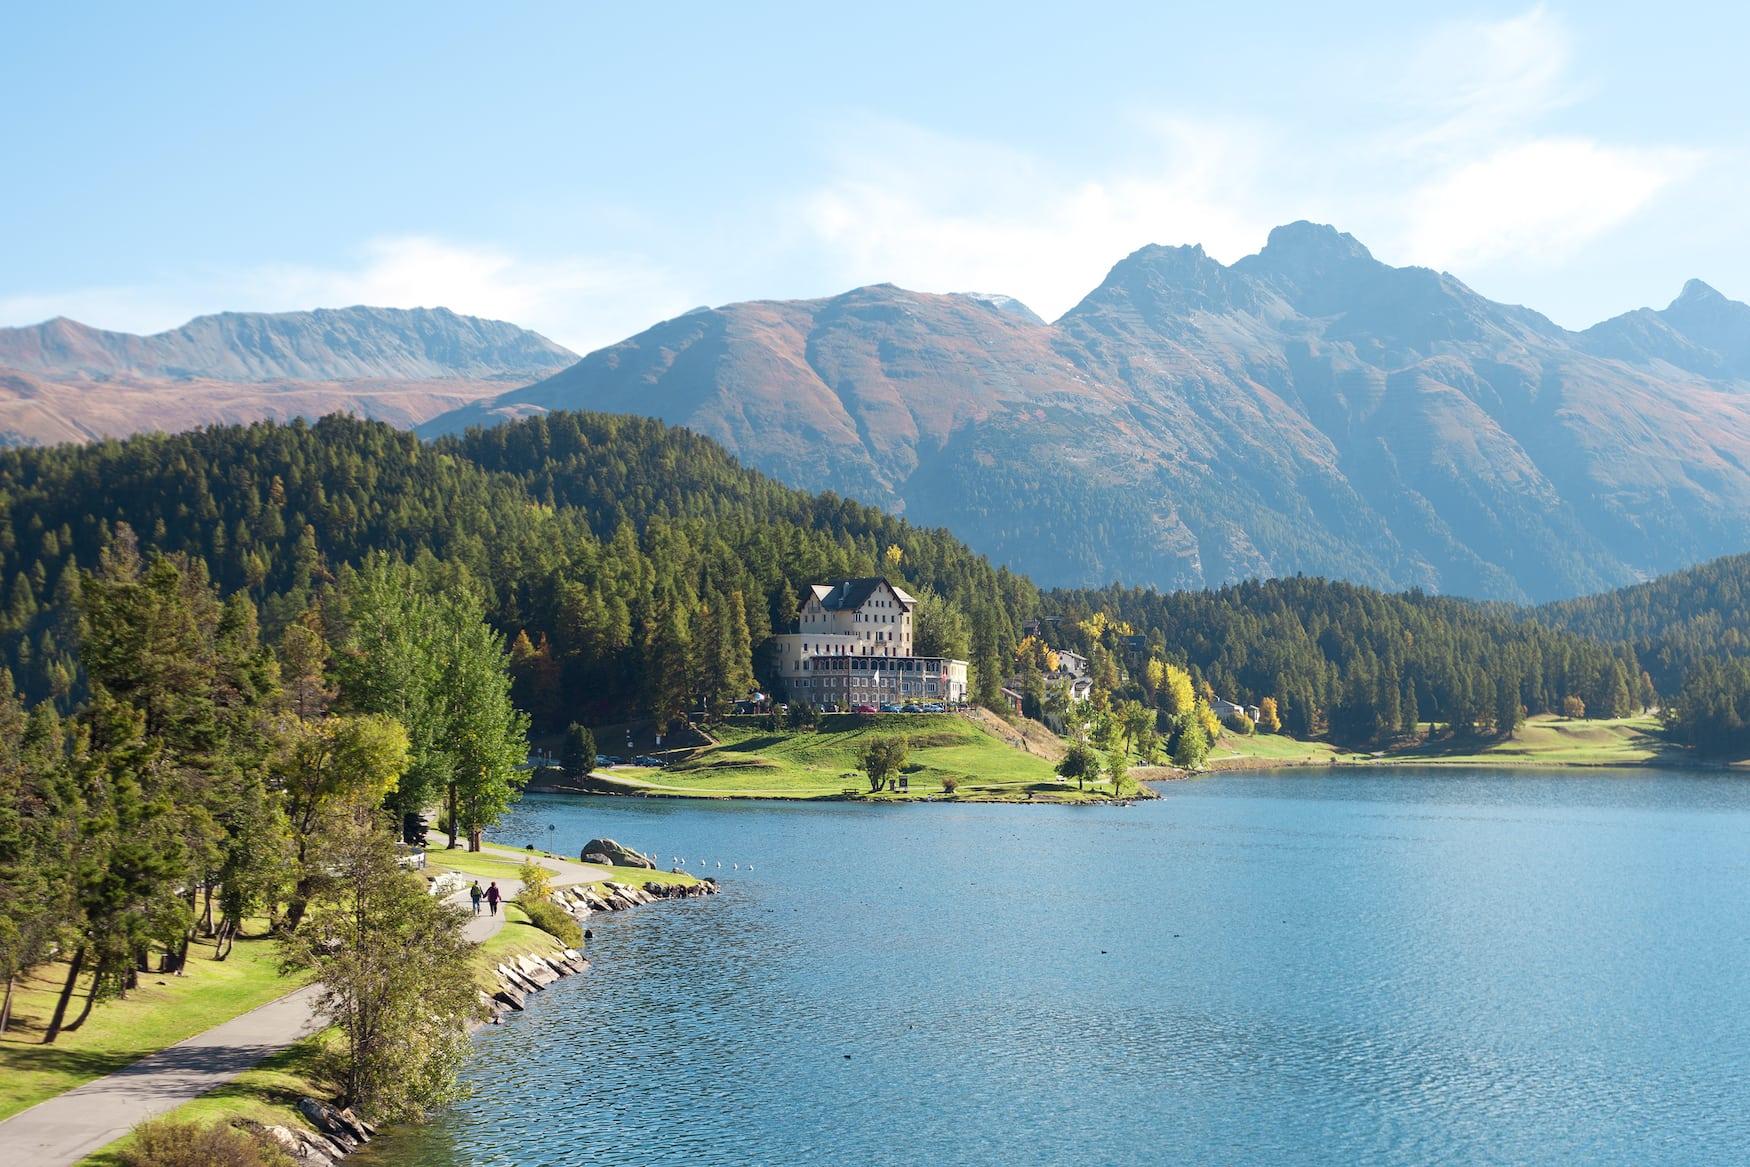 Blick auf St. Moritz in der Schweiz